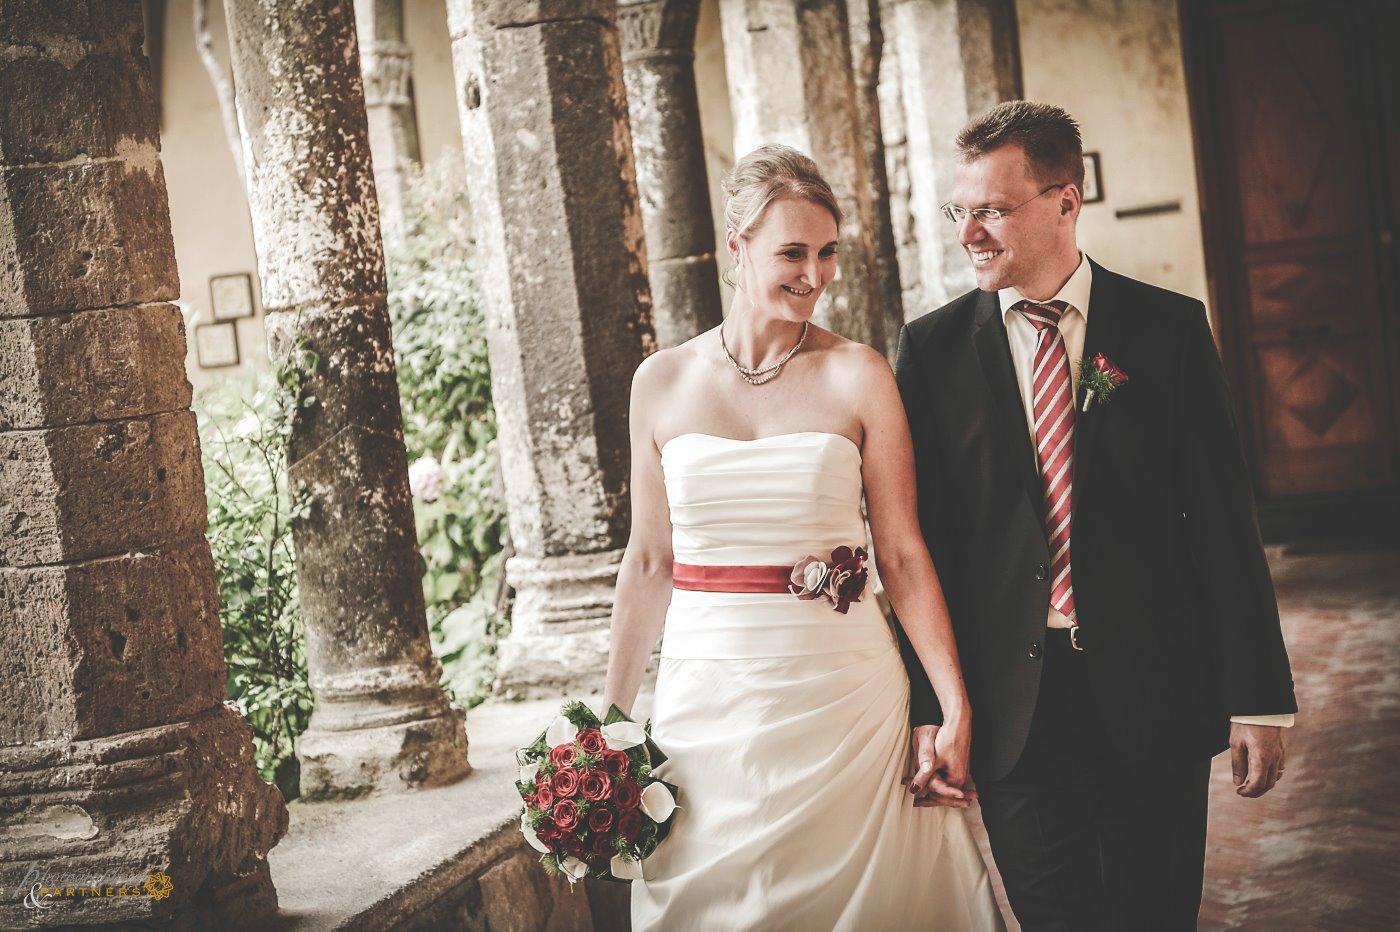 photographer_weddings_sorrento_13.jpg